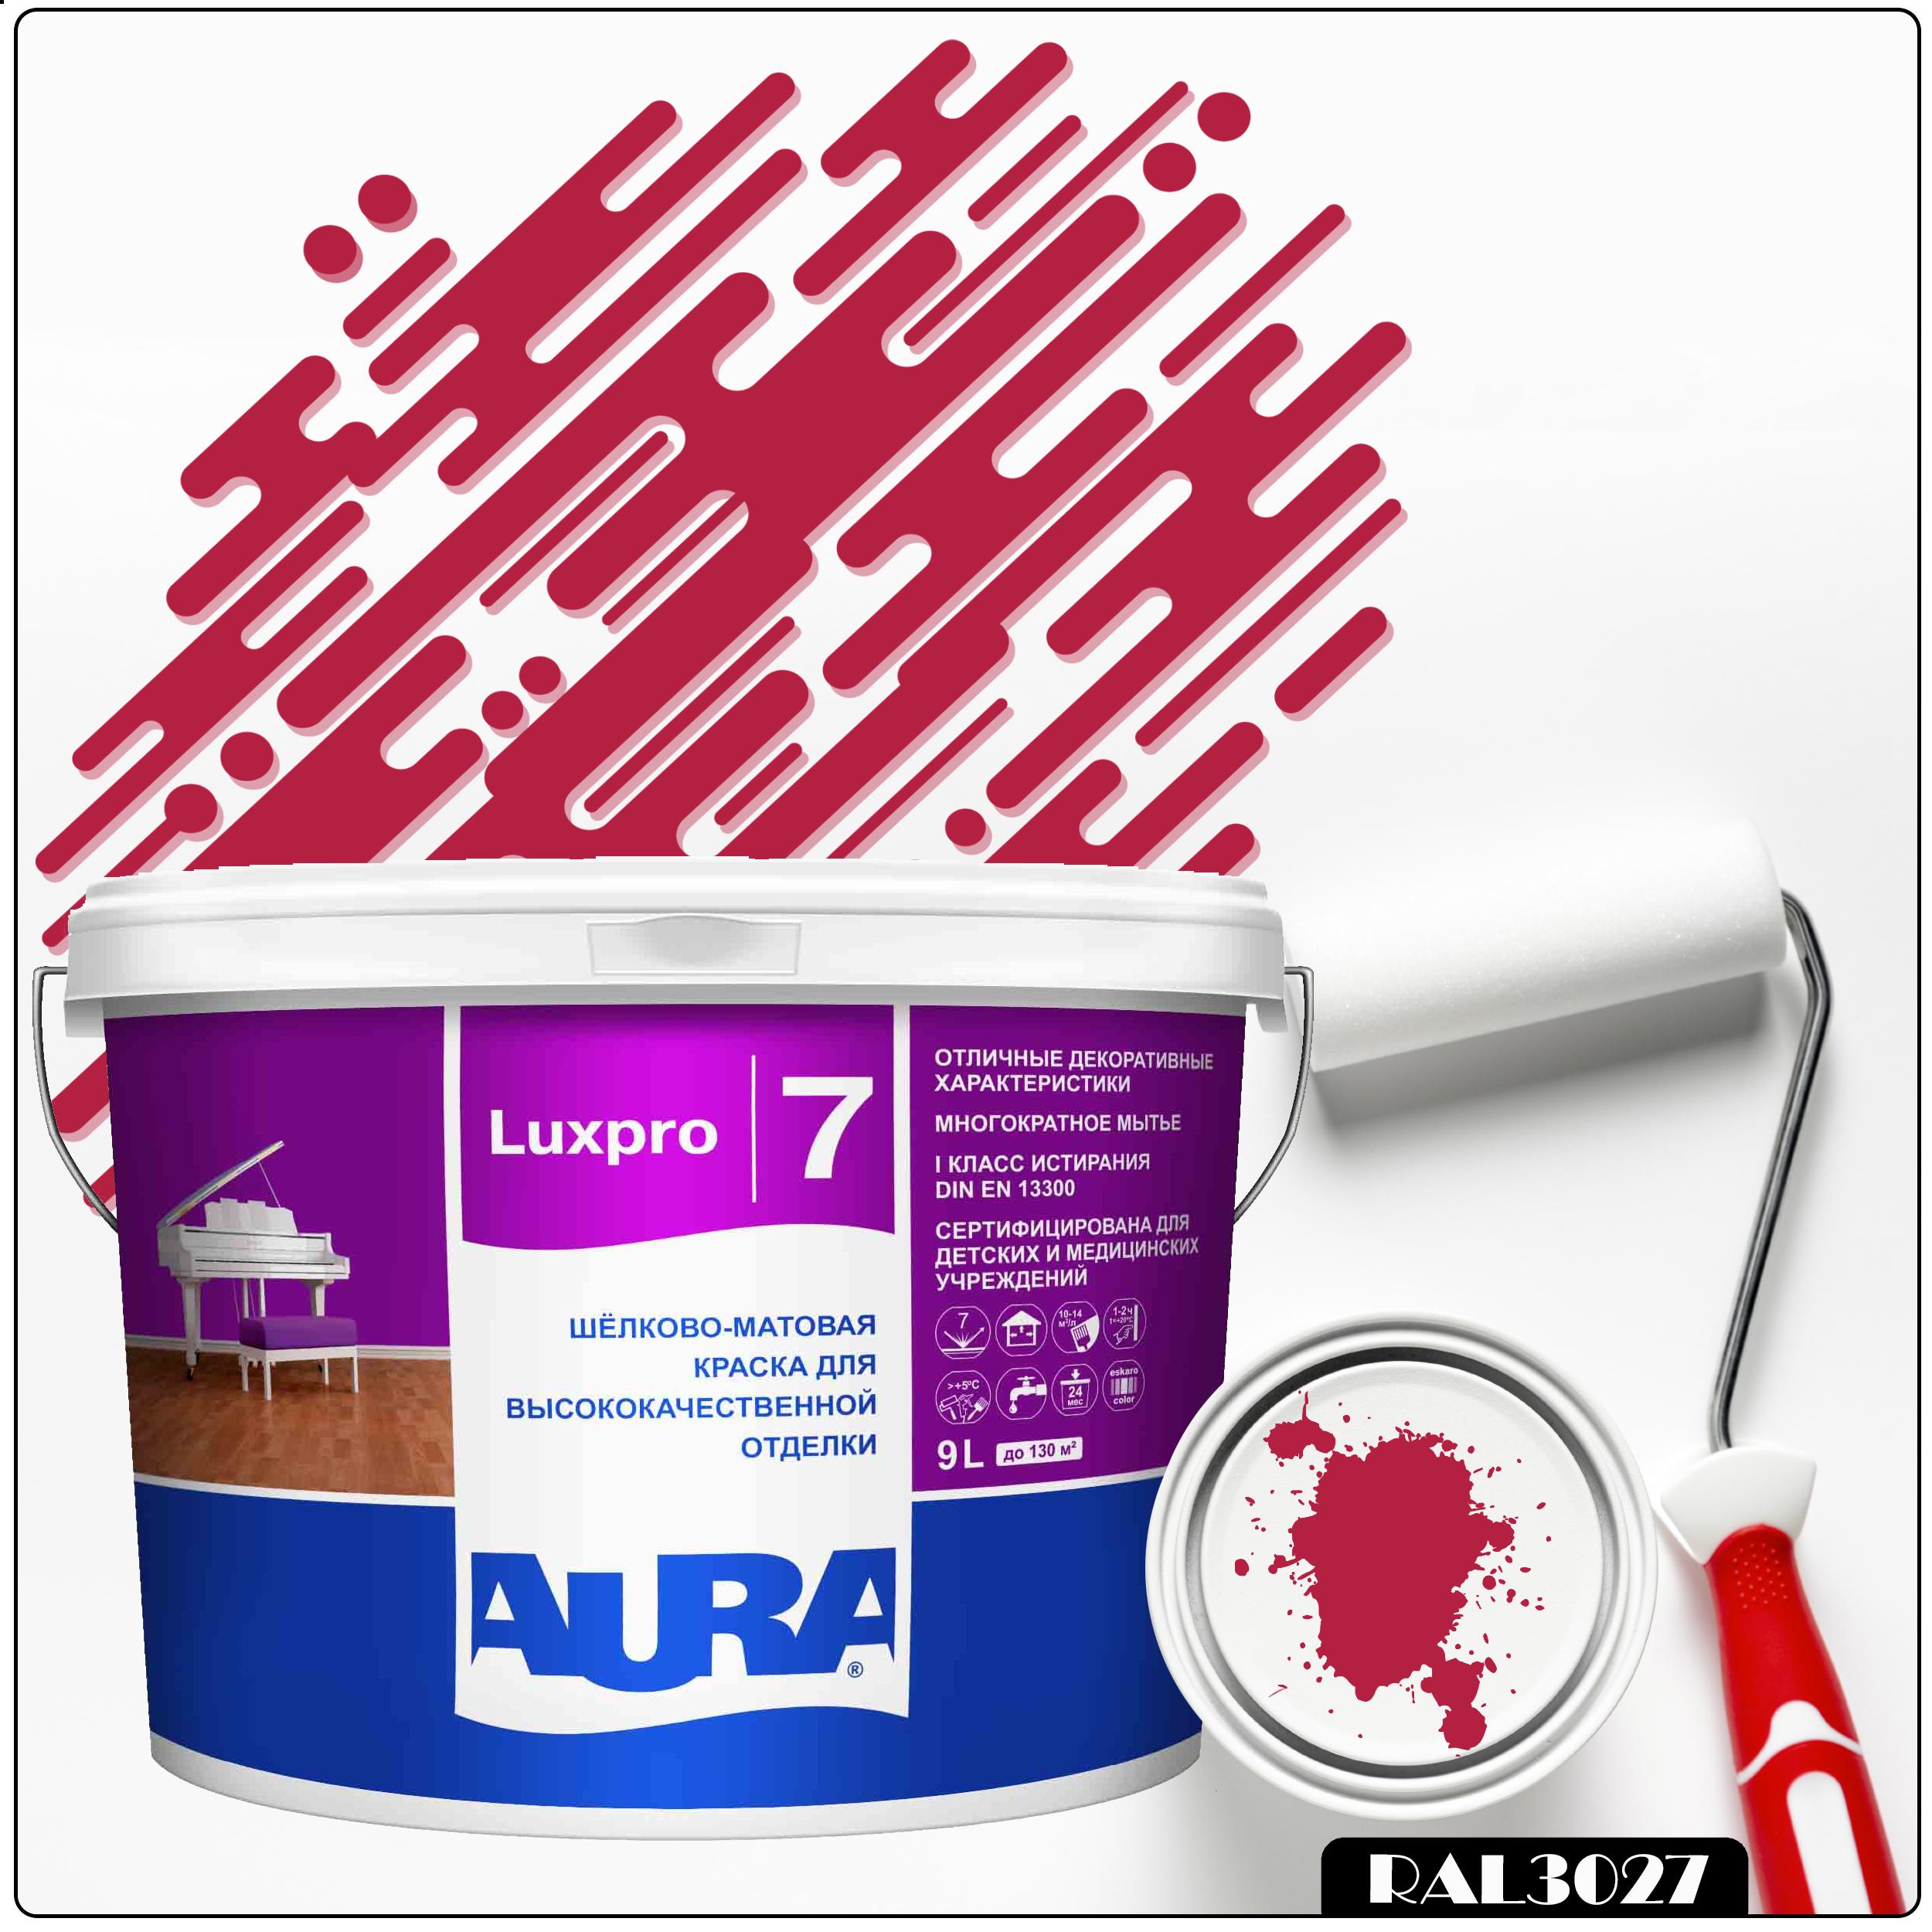 Фото 19 - Краска Aura LuxPRO 7, RAL 3027 Малиново-красный, латексная, шелково-матовая, интерьерная, 9л, Аура.